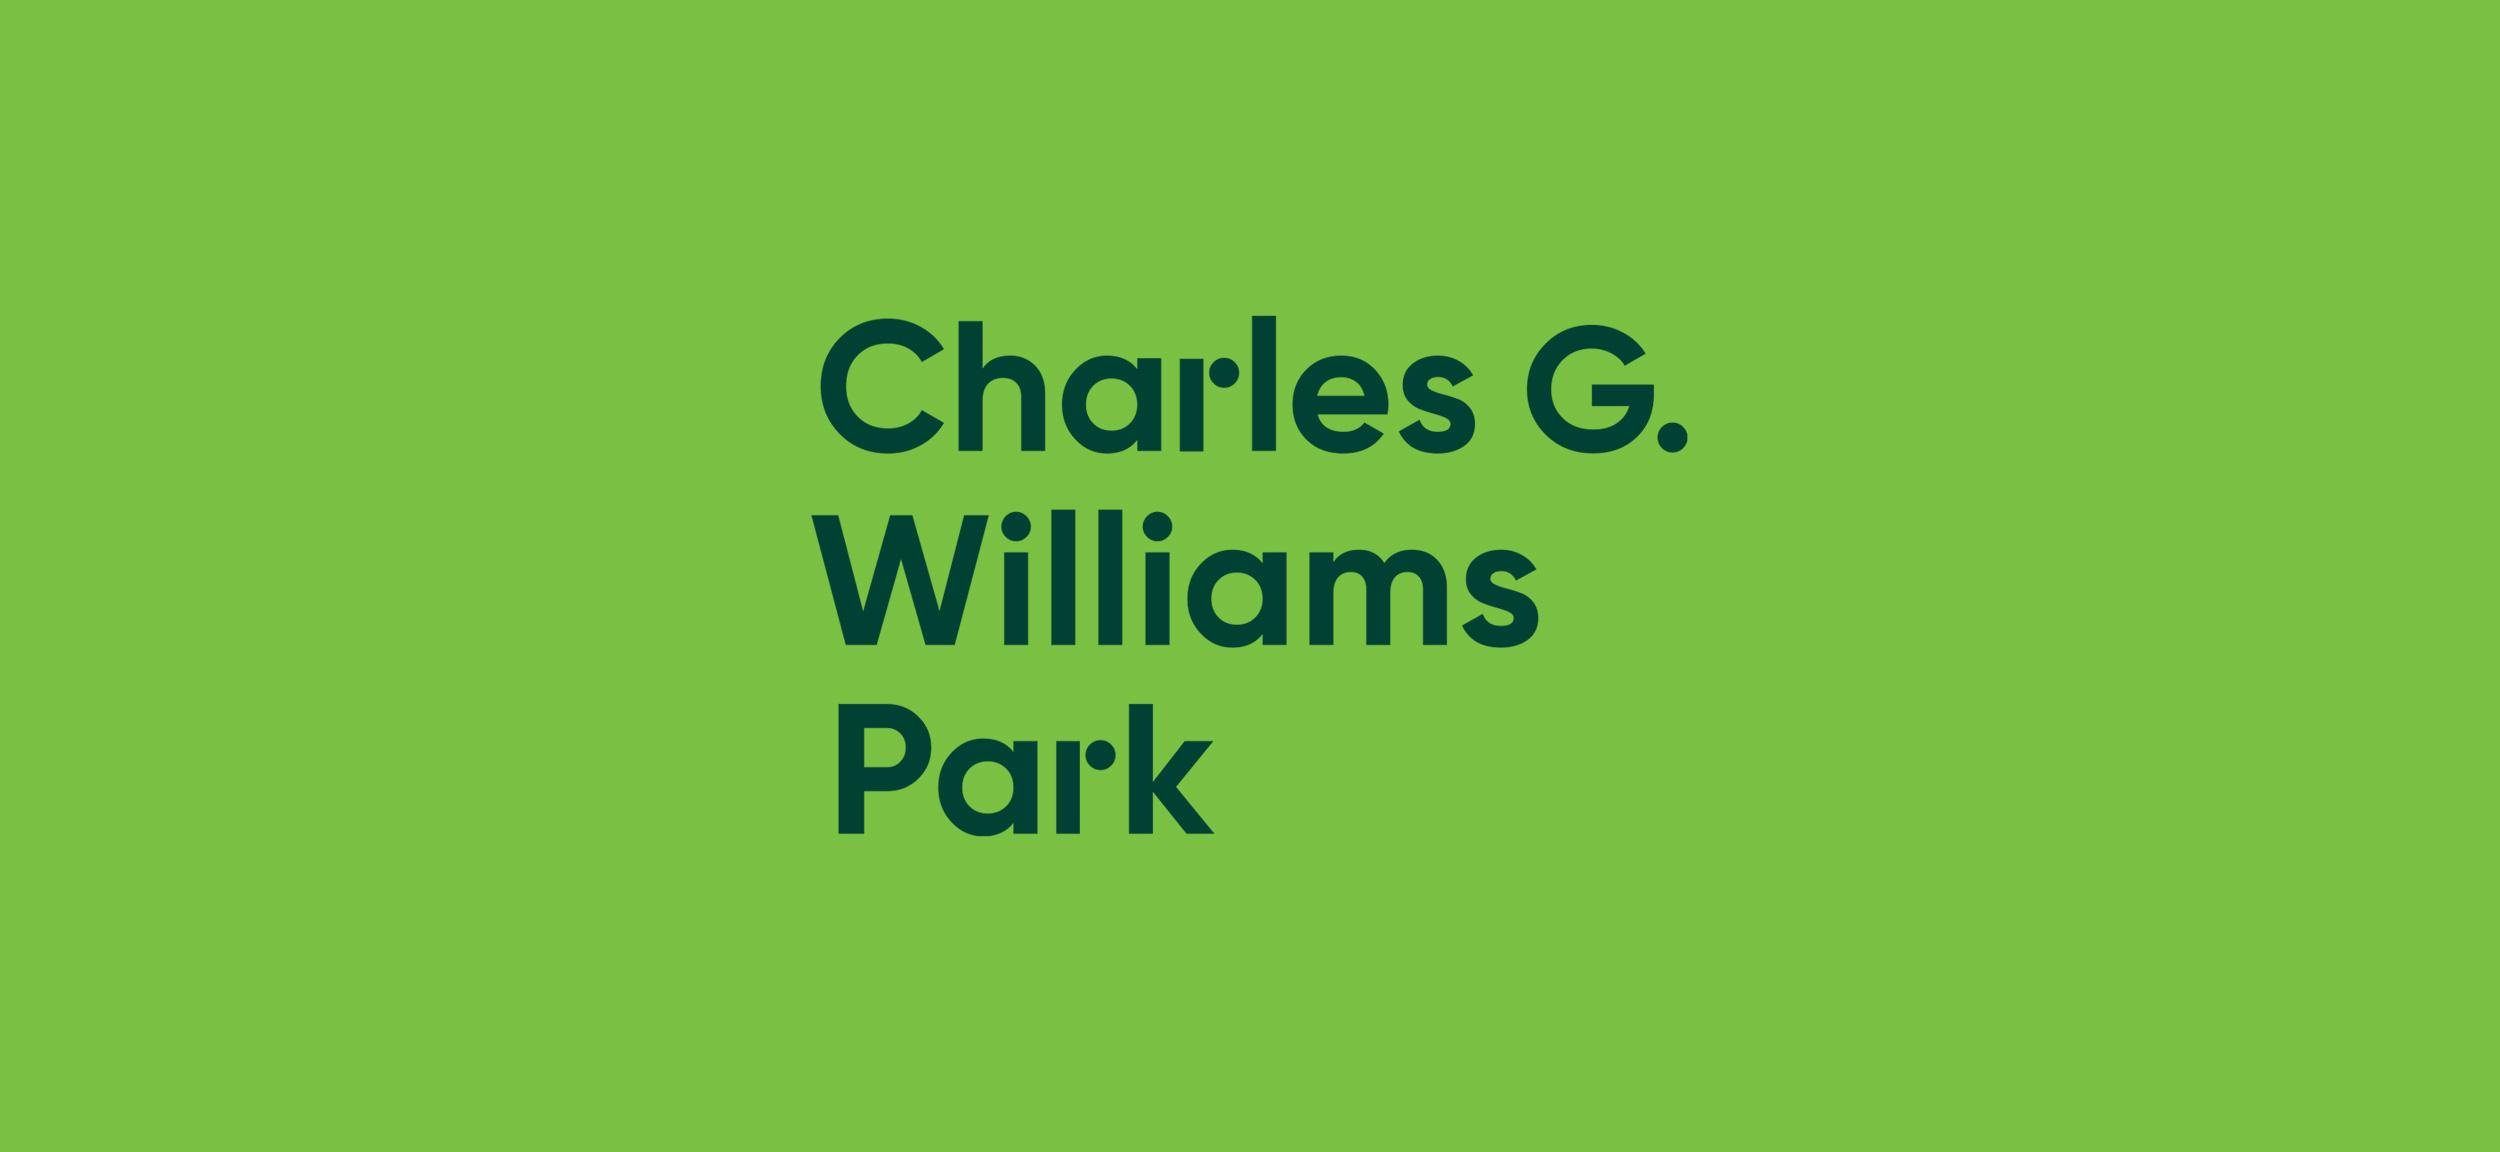 CGW-logo-stacked.jpg